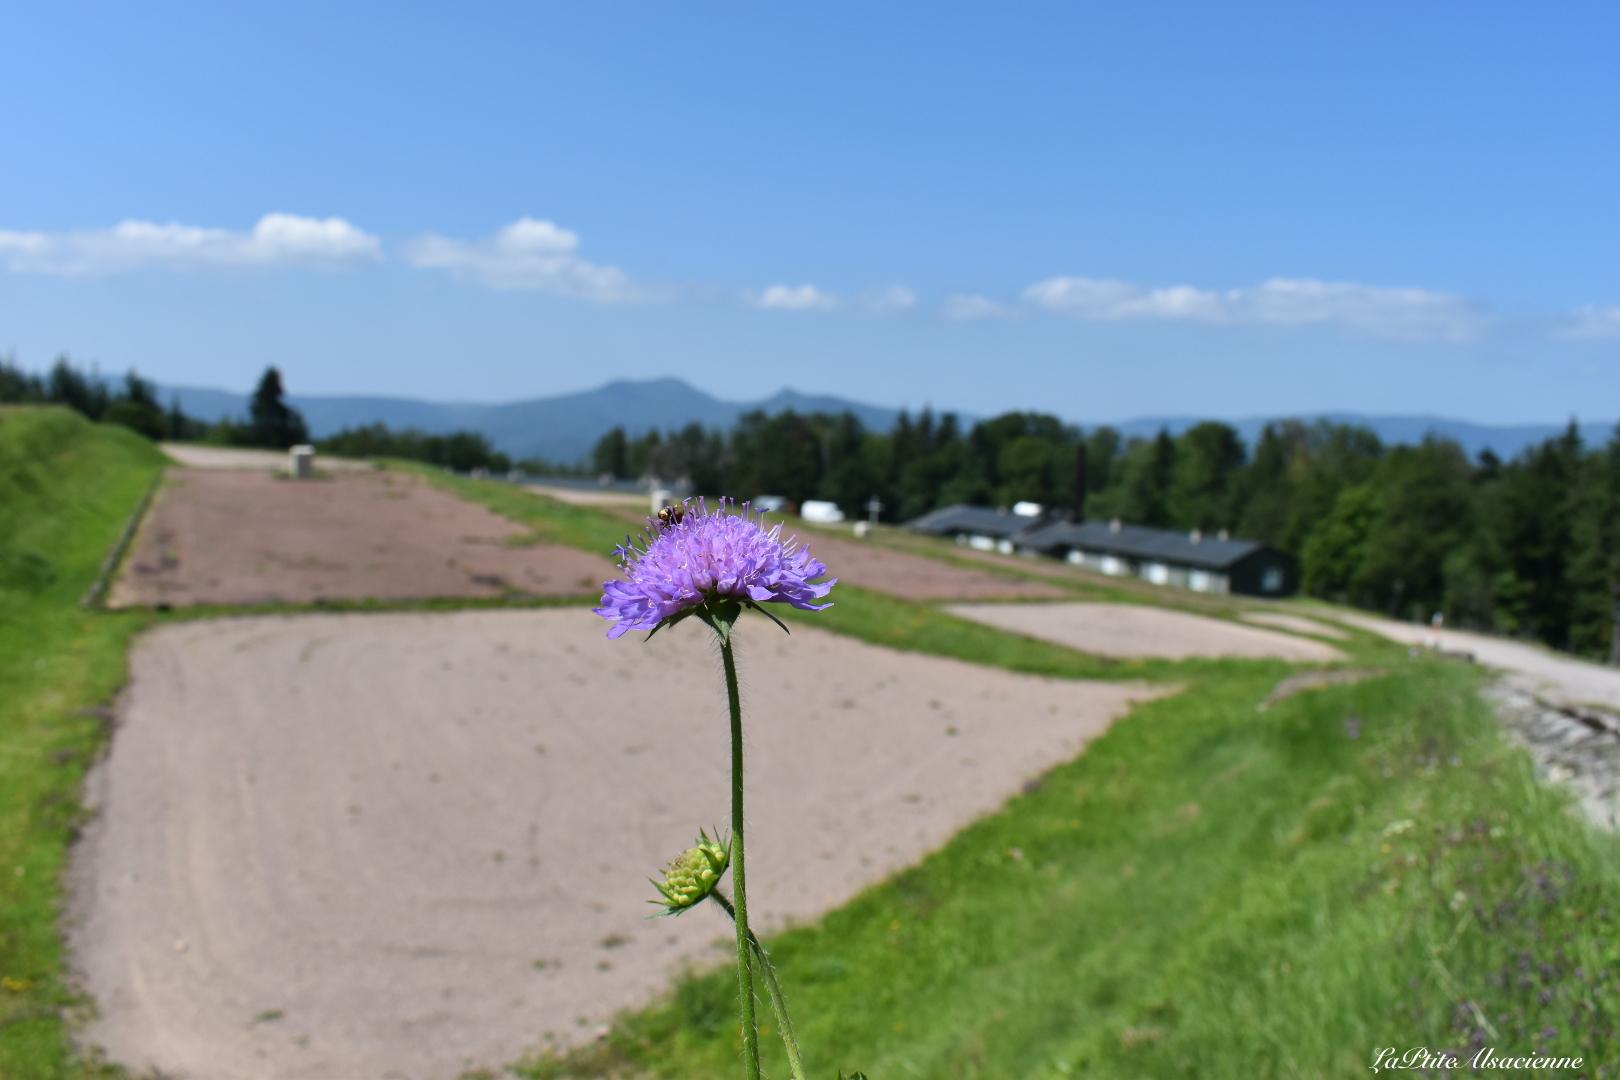 Même si l'histoire est terrible, nous renaitrons de nos cendres. Cette fleur nous prouve bien que la vie revient ! Photo de Cendrine Miesch au camp du Struthof.